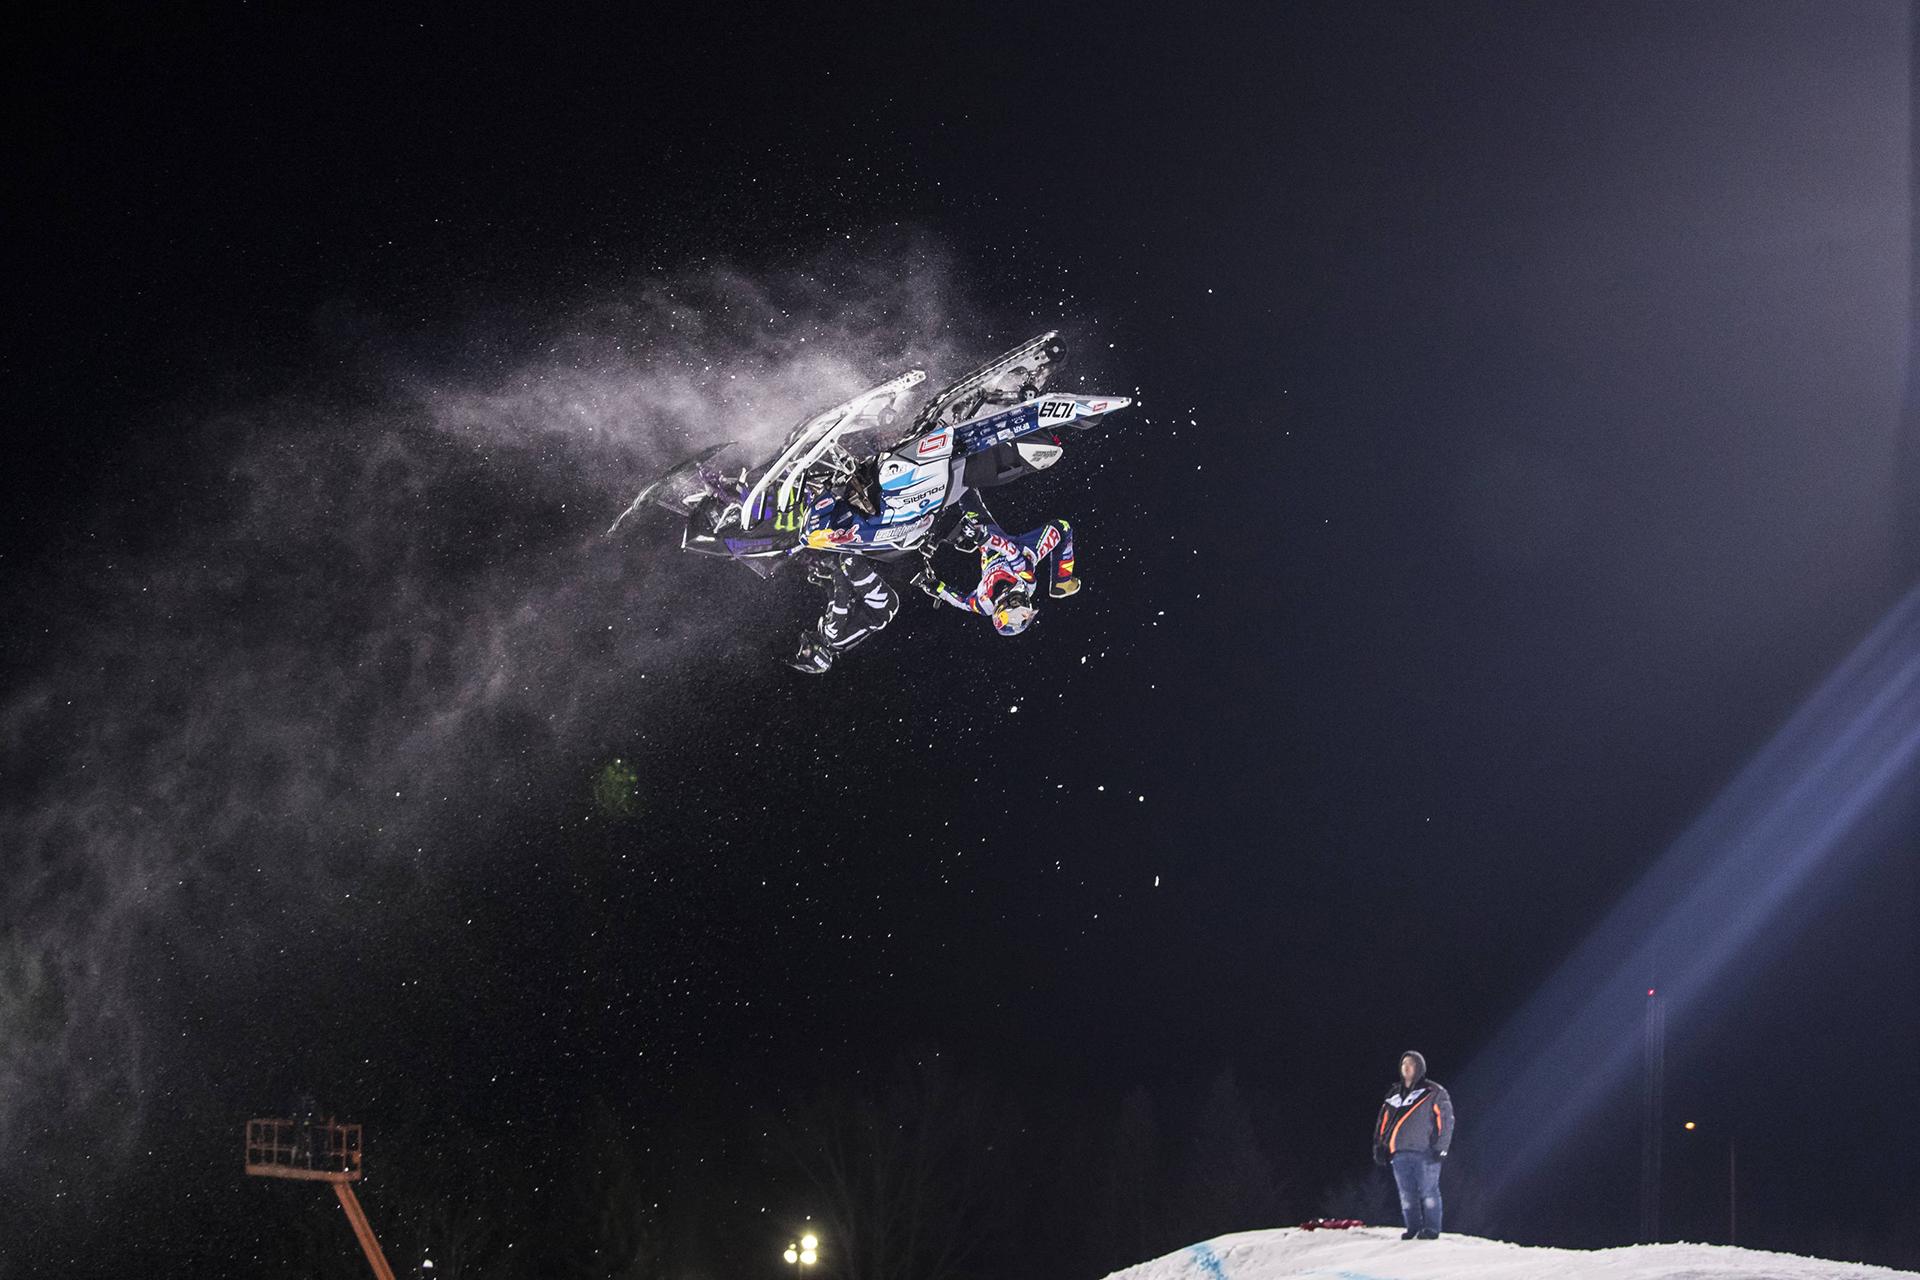 El evento sirvió como antesala de los Juegos Olímpicos de Invierno, que se desarrollarán en Corea del Sur (AP)